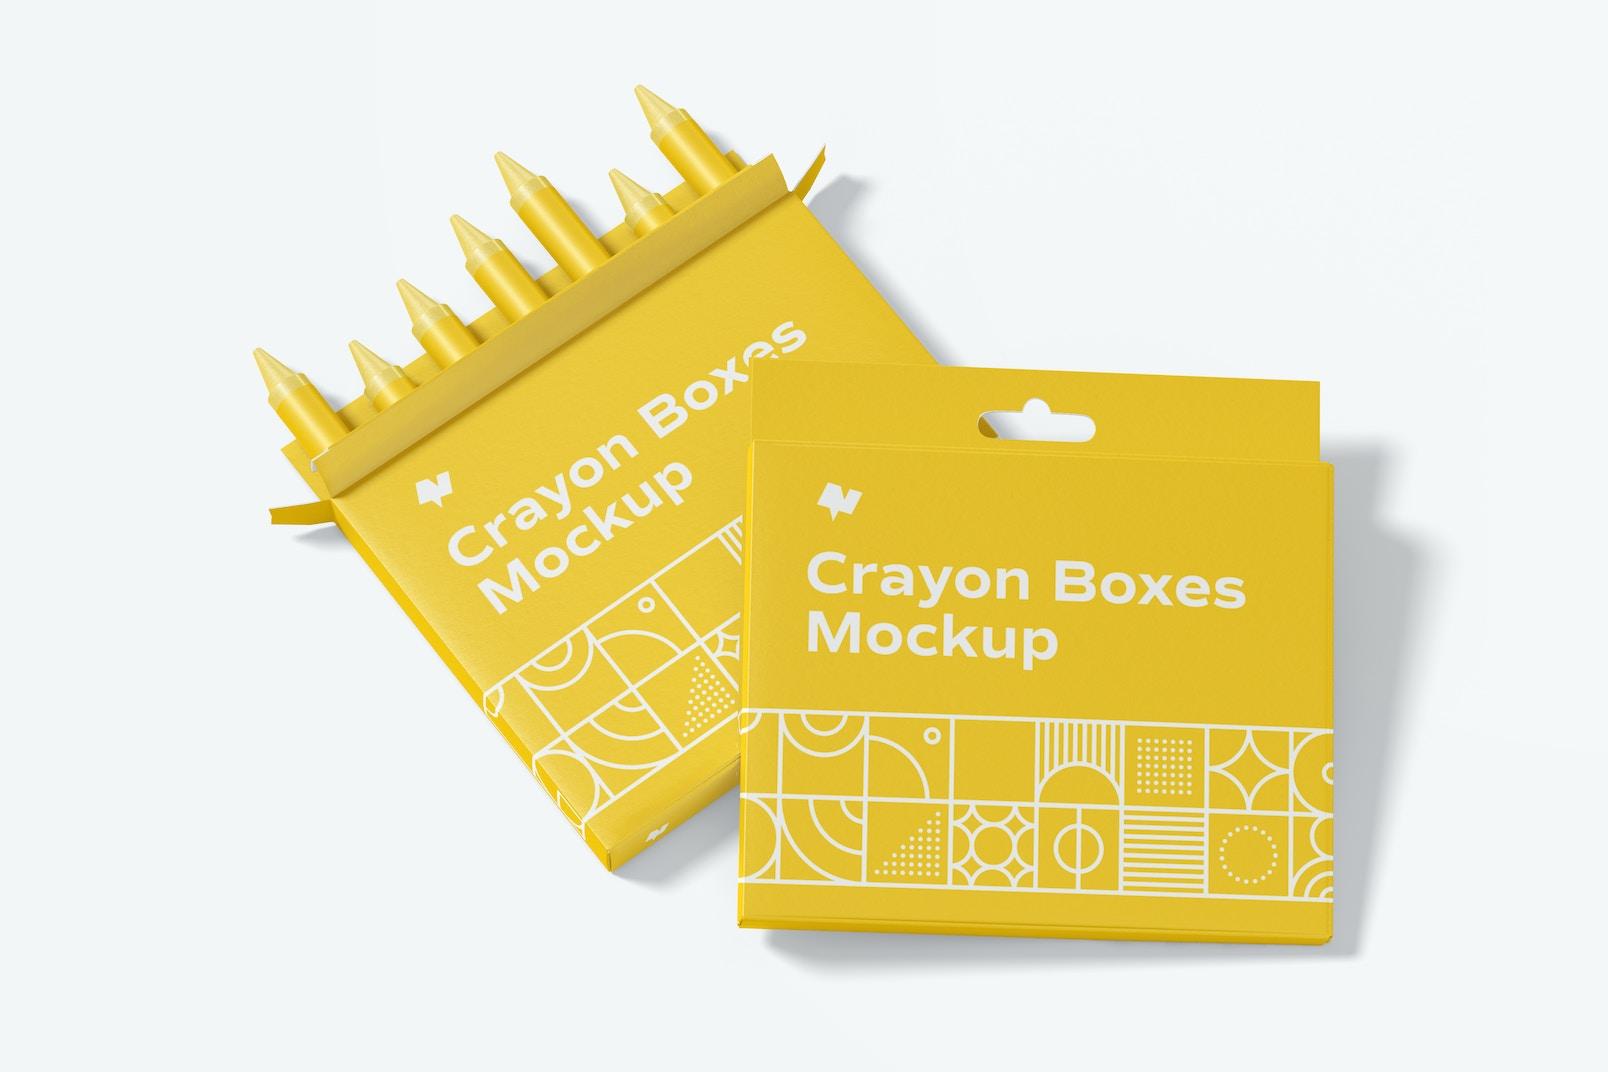 Crayon Box Mockup, Frontal View